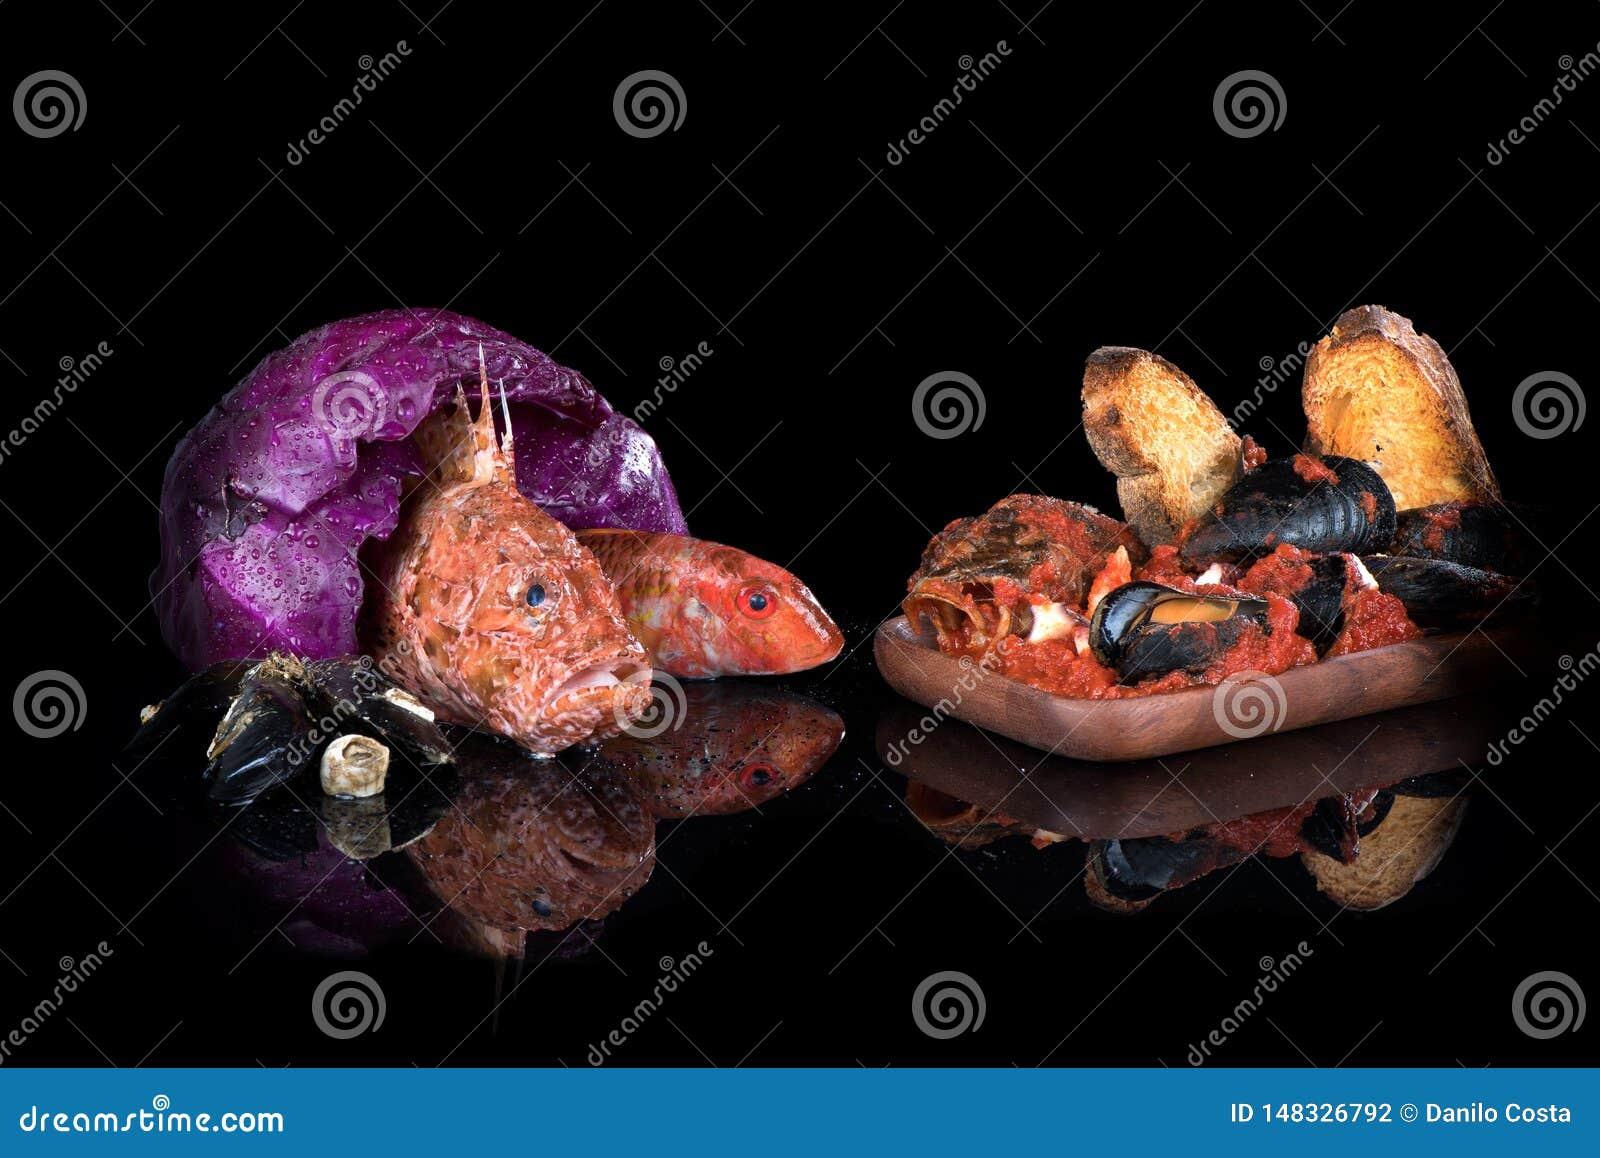 Σούπα ψαριών, ακατέργαστα ψάρια, ψάρια σκορπιών, κόκκινος κέφαλος, καβούρια